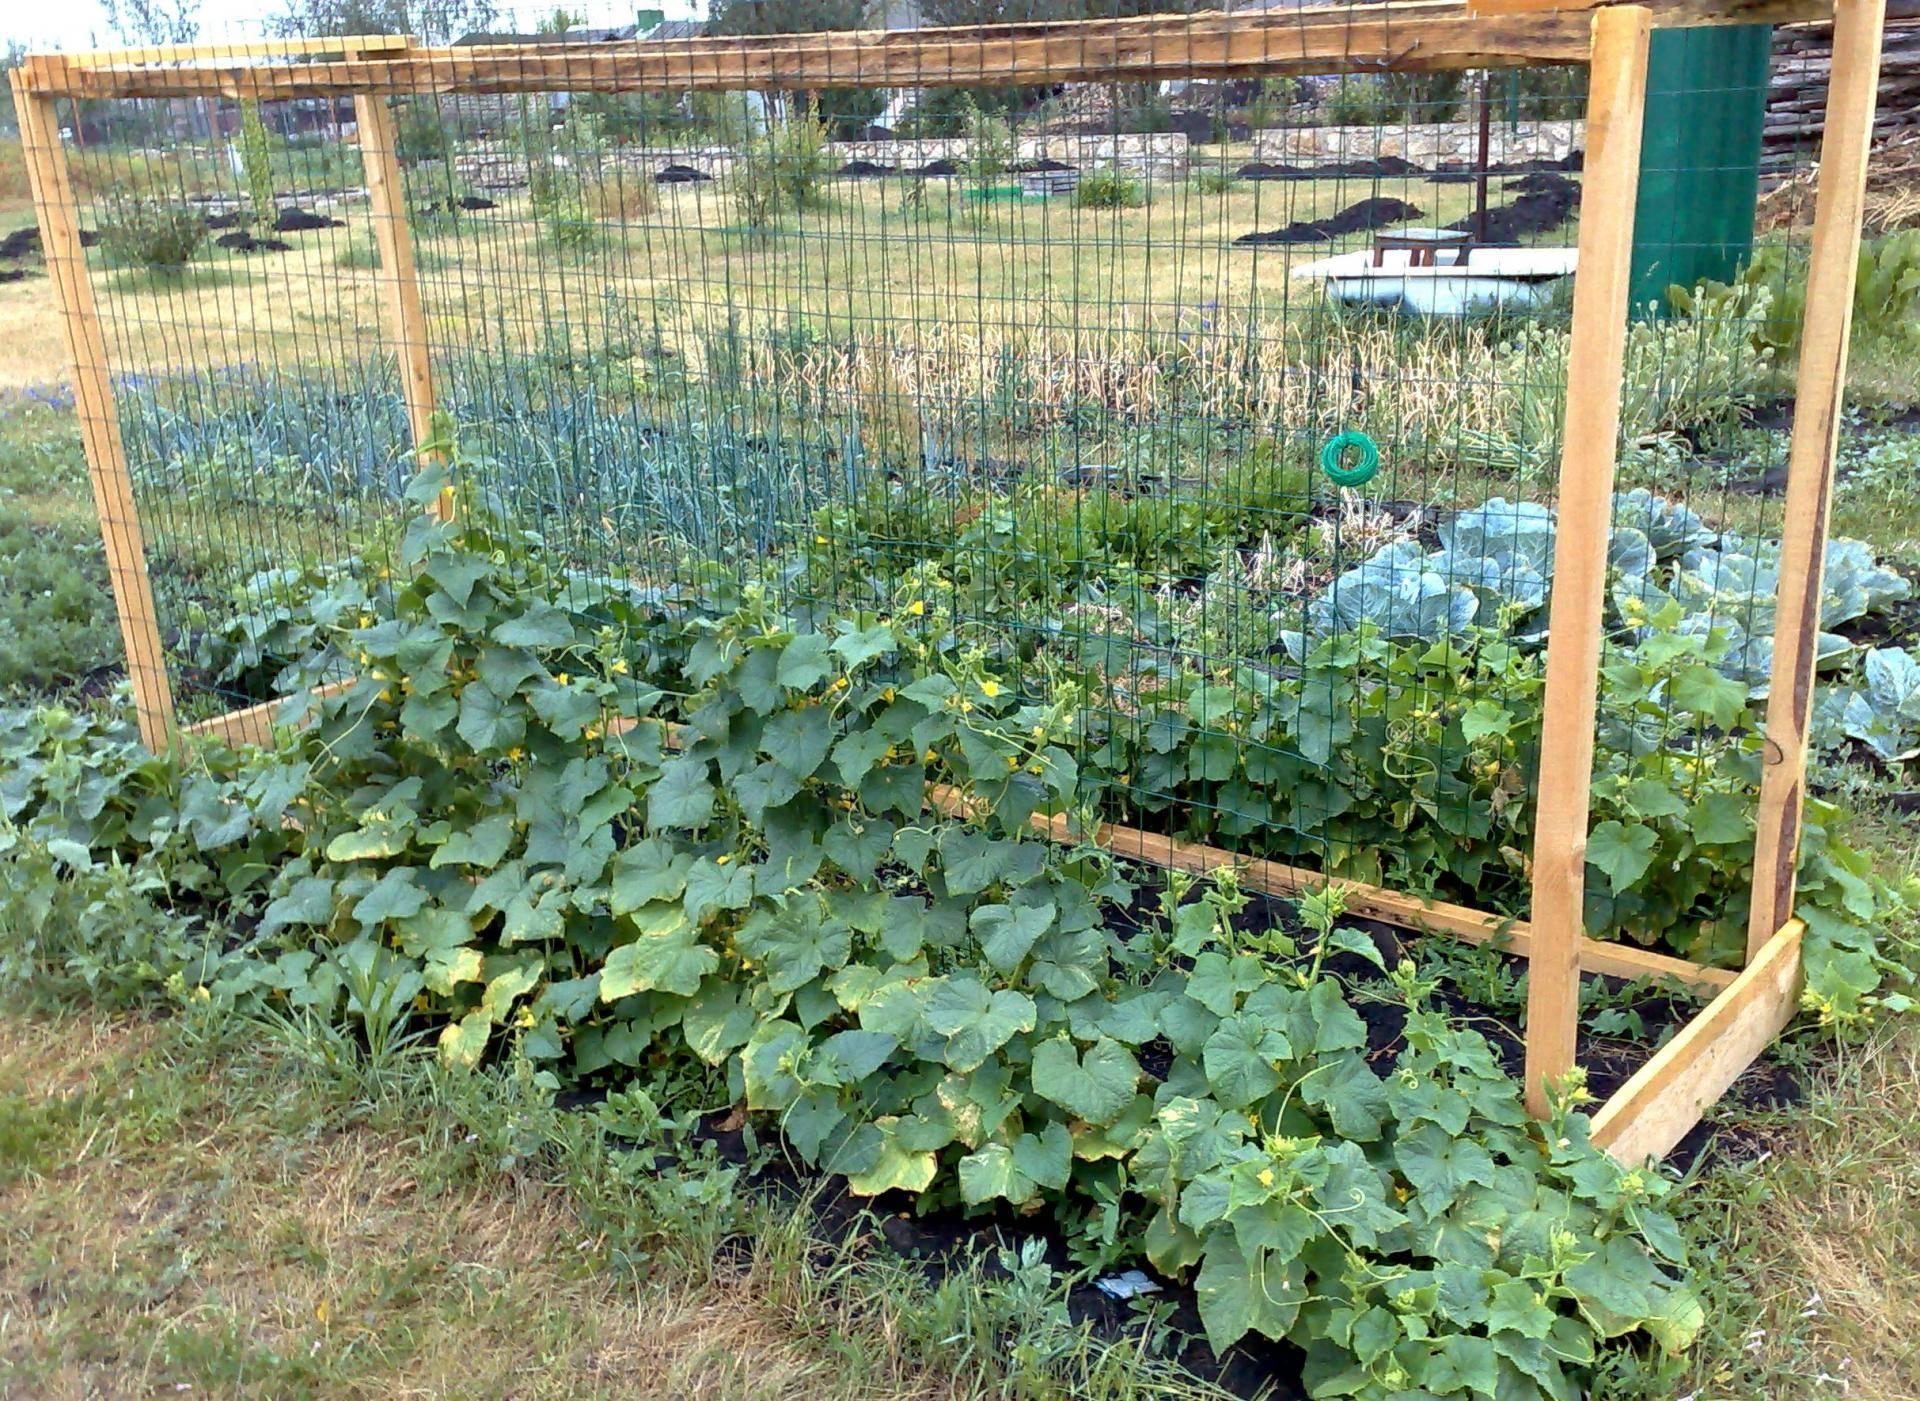 Огурец зозуля f1: характеристики, особенности выращивания, отзывы огородников